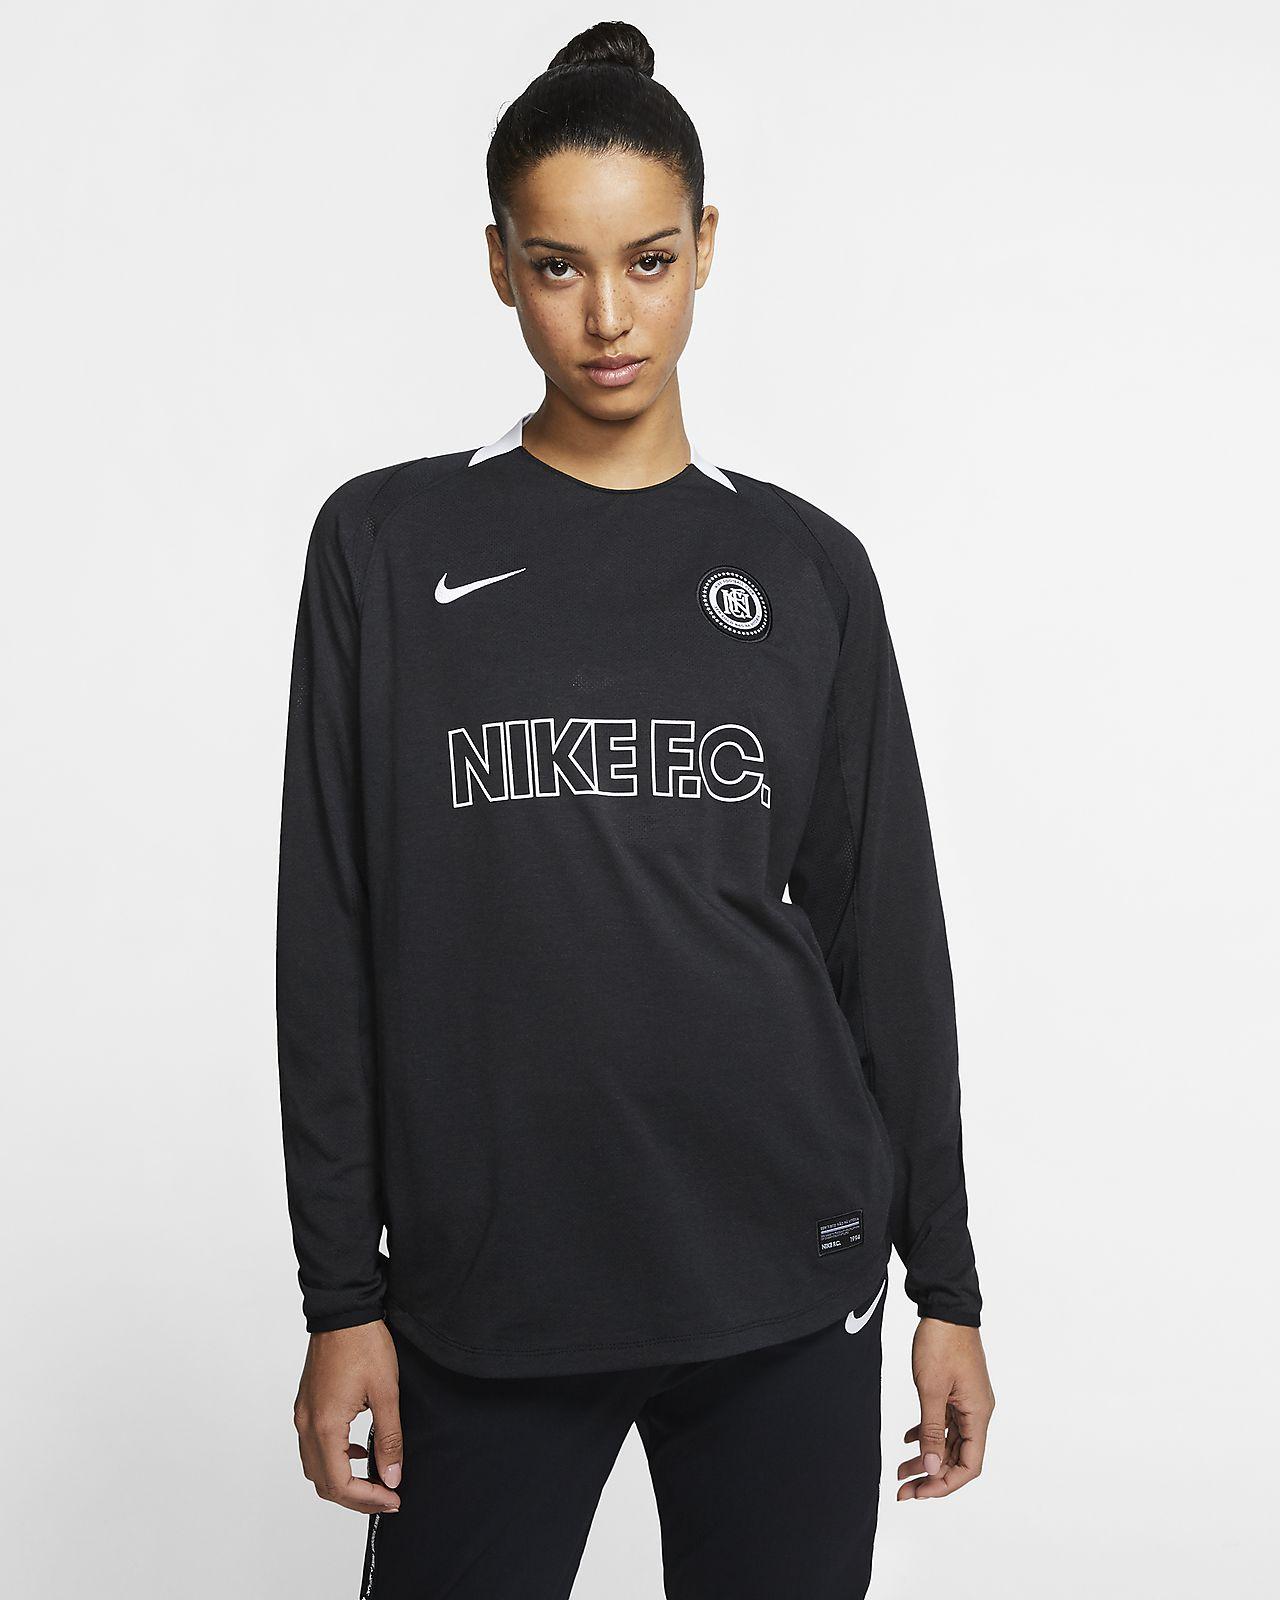 Langærmet Nike F.C. fodboldtrøje til kvinder